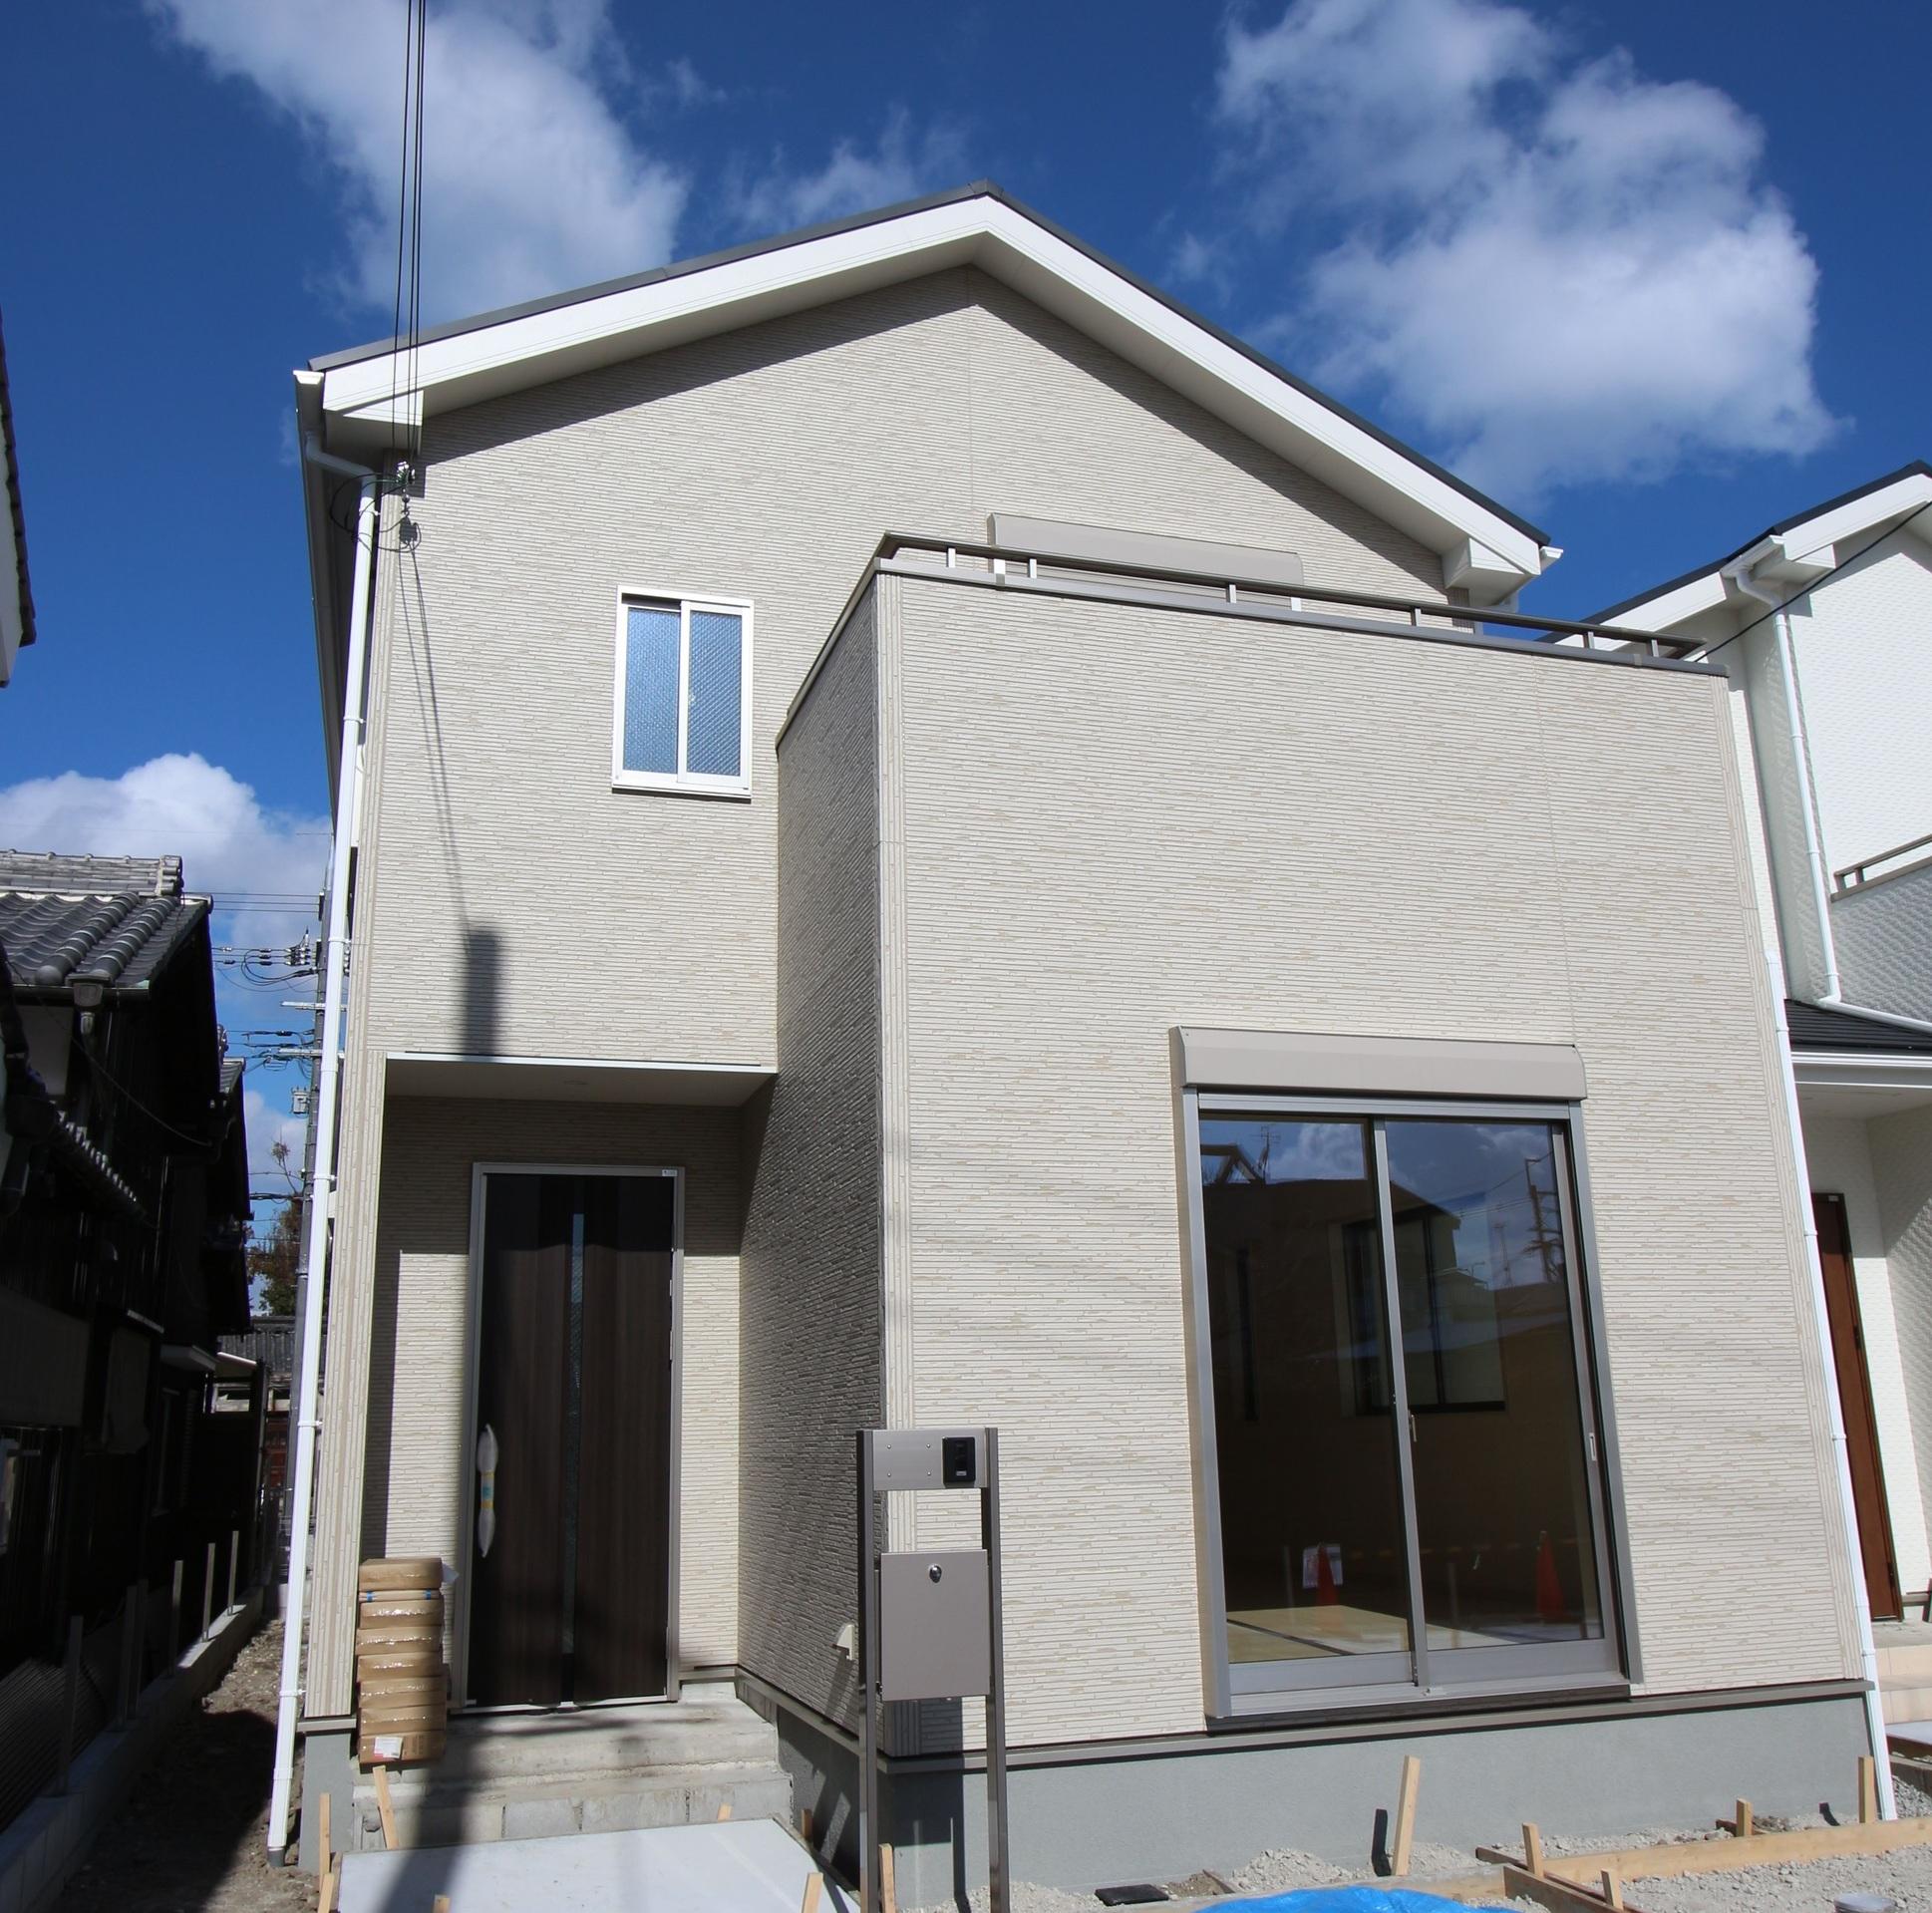 【外観写真】 建物は完成しましたので、お好きな日に内覧して頂けます。 月々6万円台のお支払いで購入可能な物件です。 ぜひご検討下さい。